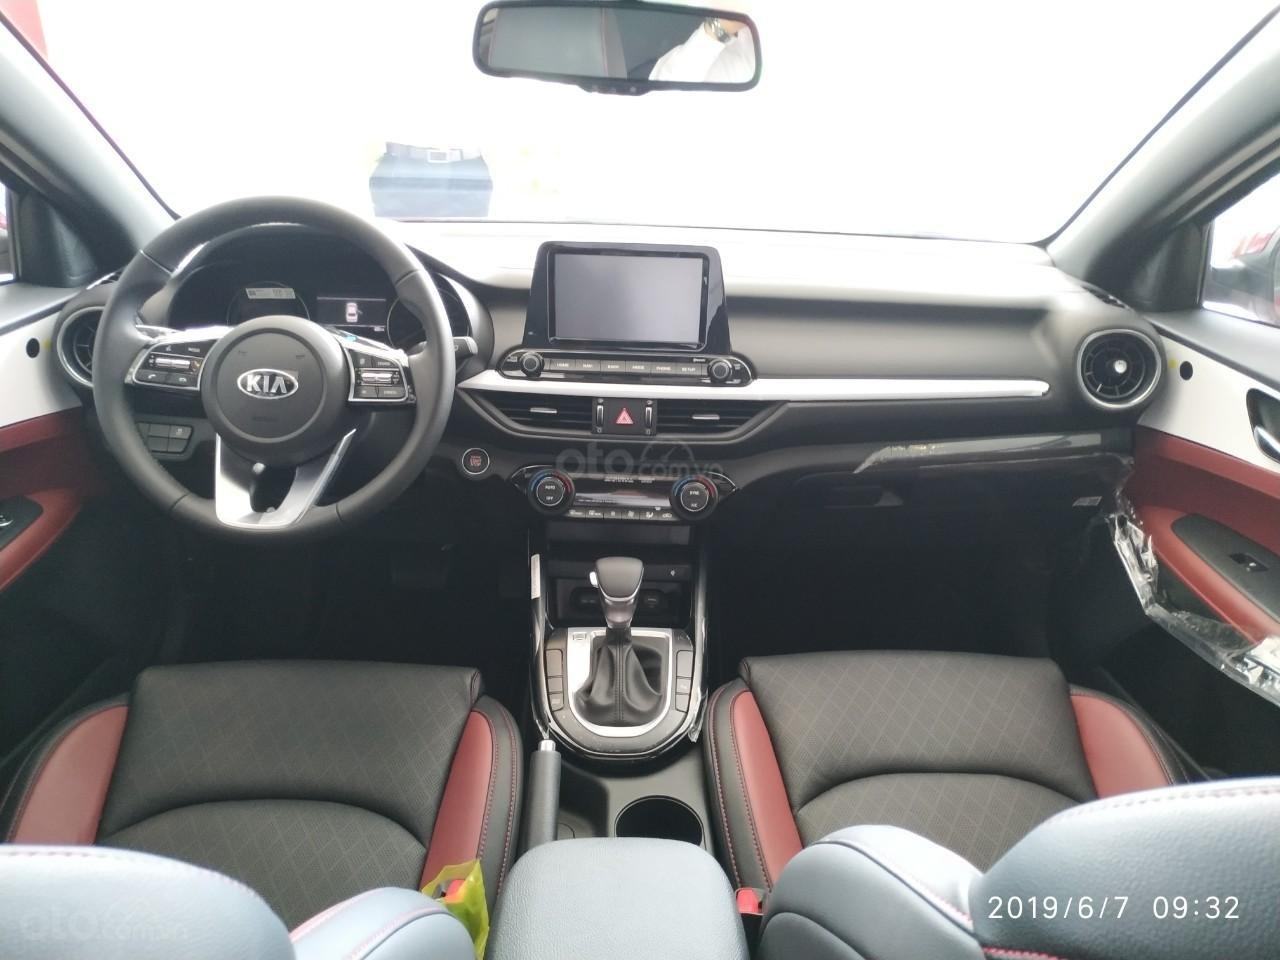 Kia Cerato 2.0 Prenium 2019, ưu đãi tháng 11 giảm giá cực sâu, tặng nhiều KM (TM PK) LH: 0389245245 (11)